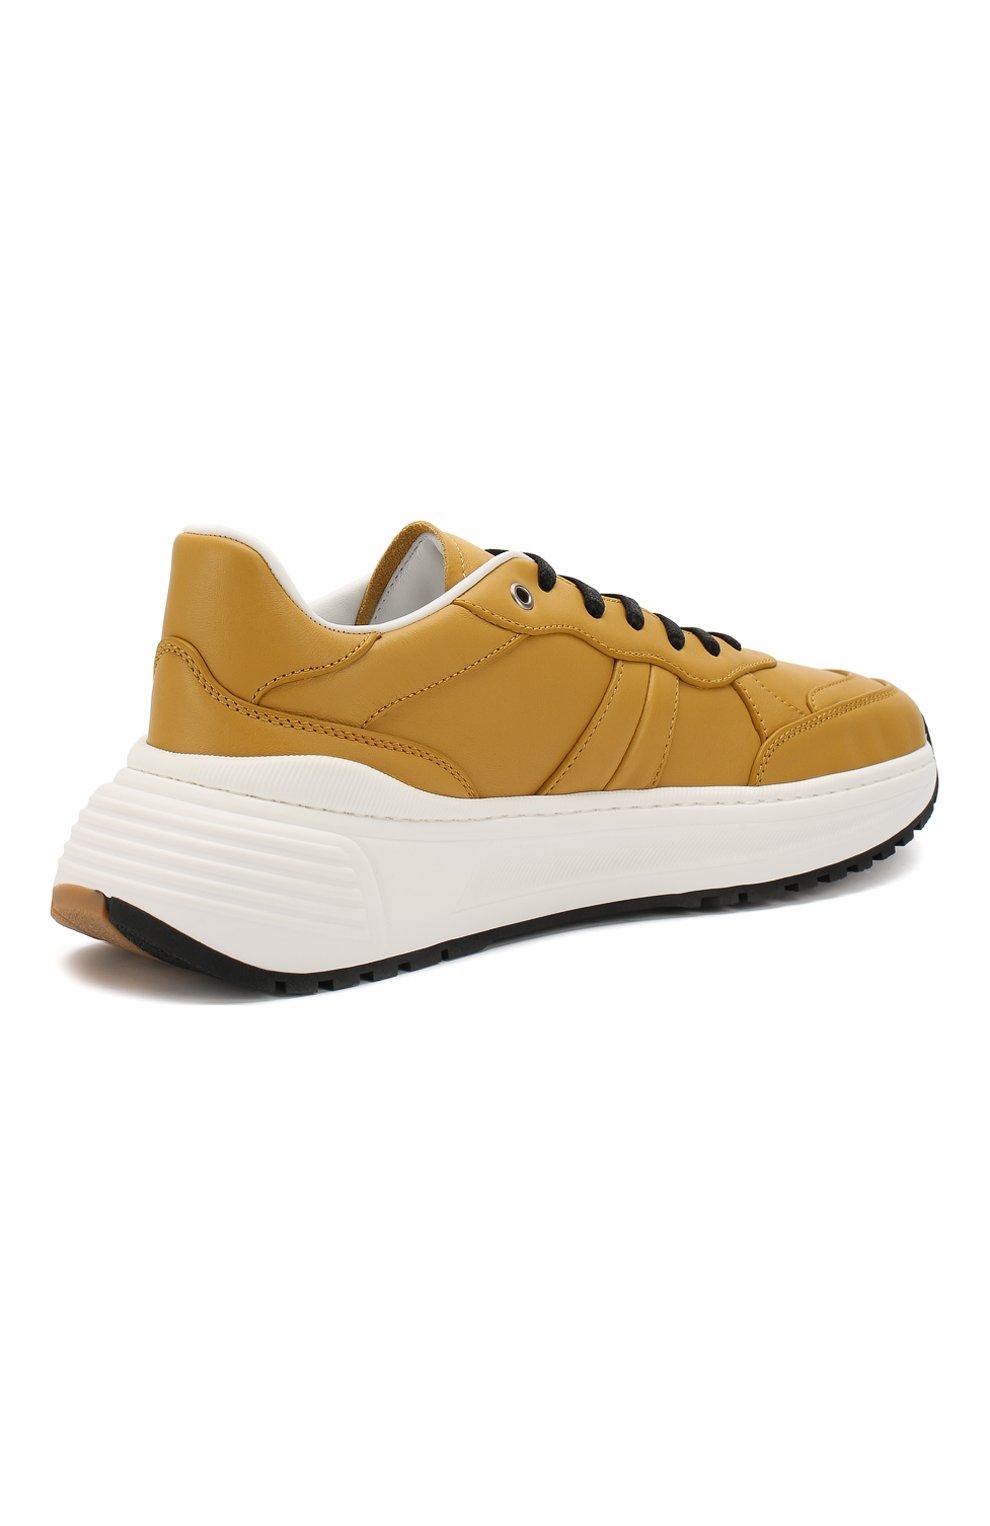 Мужские кожаные кроссовки BOTTEGA VENETA желтого цвета, арт. 565646/VT040 | Фото 4